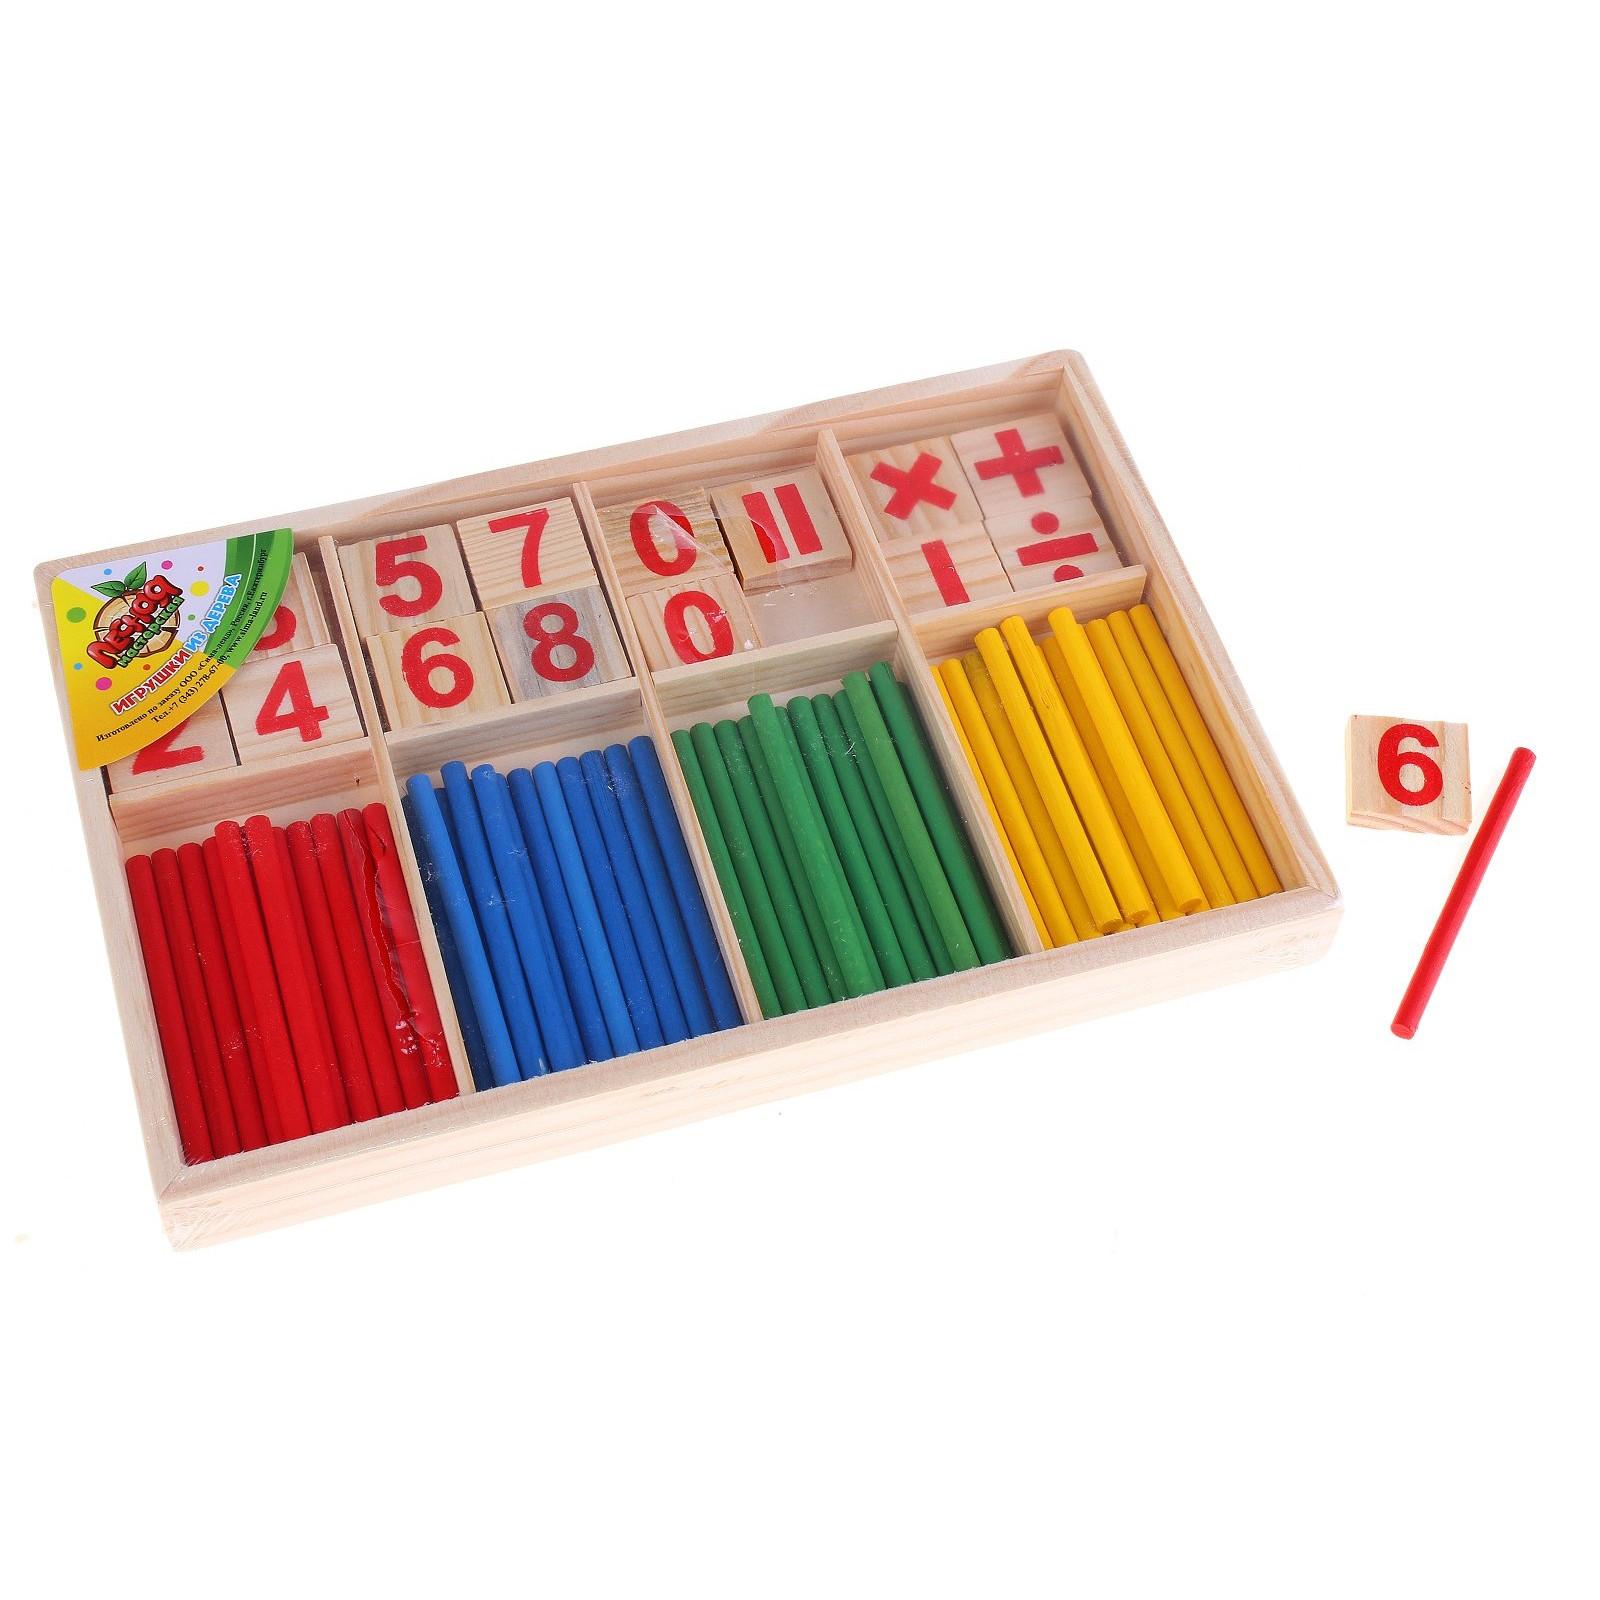 Набор для счета деревянный - Считаем вместе, со счетными палочкамиРазное<br>Набор для счета деревянный - Считаем вместе, со счетными палочками<br>